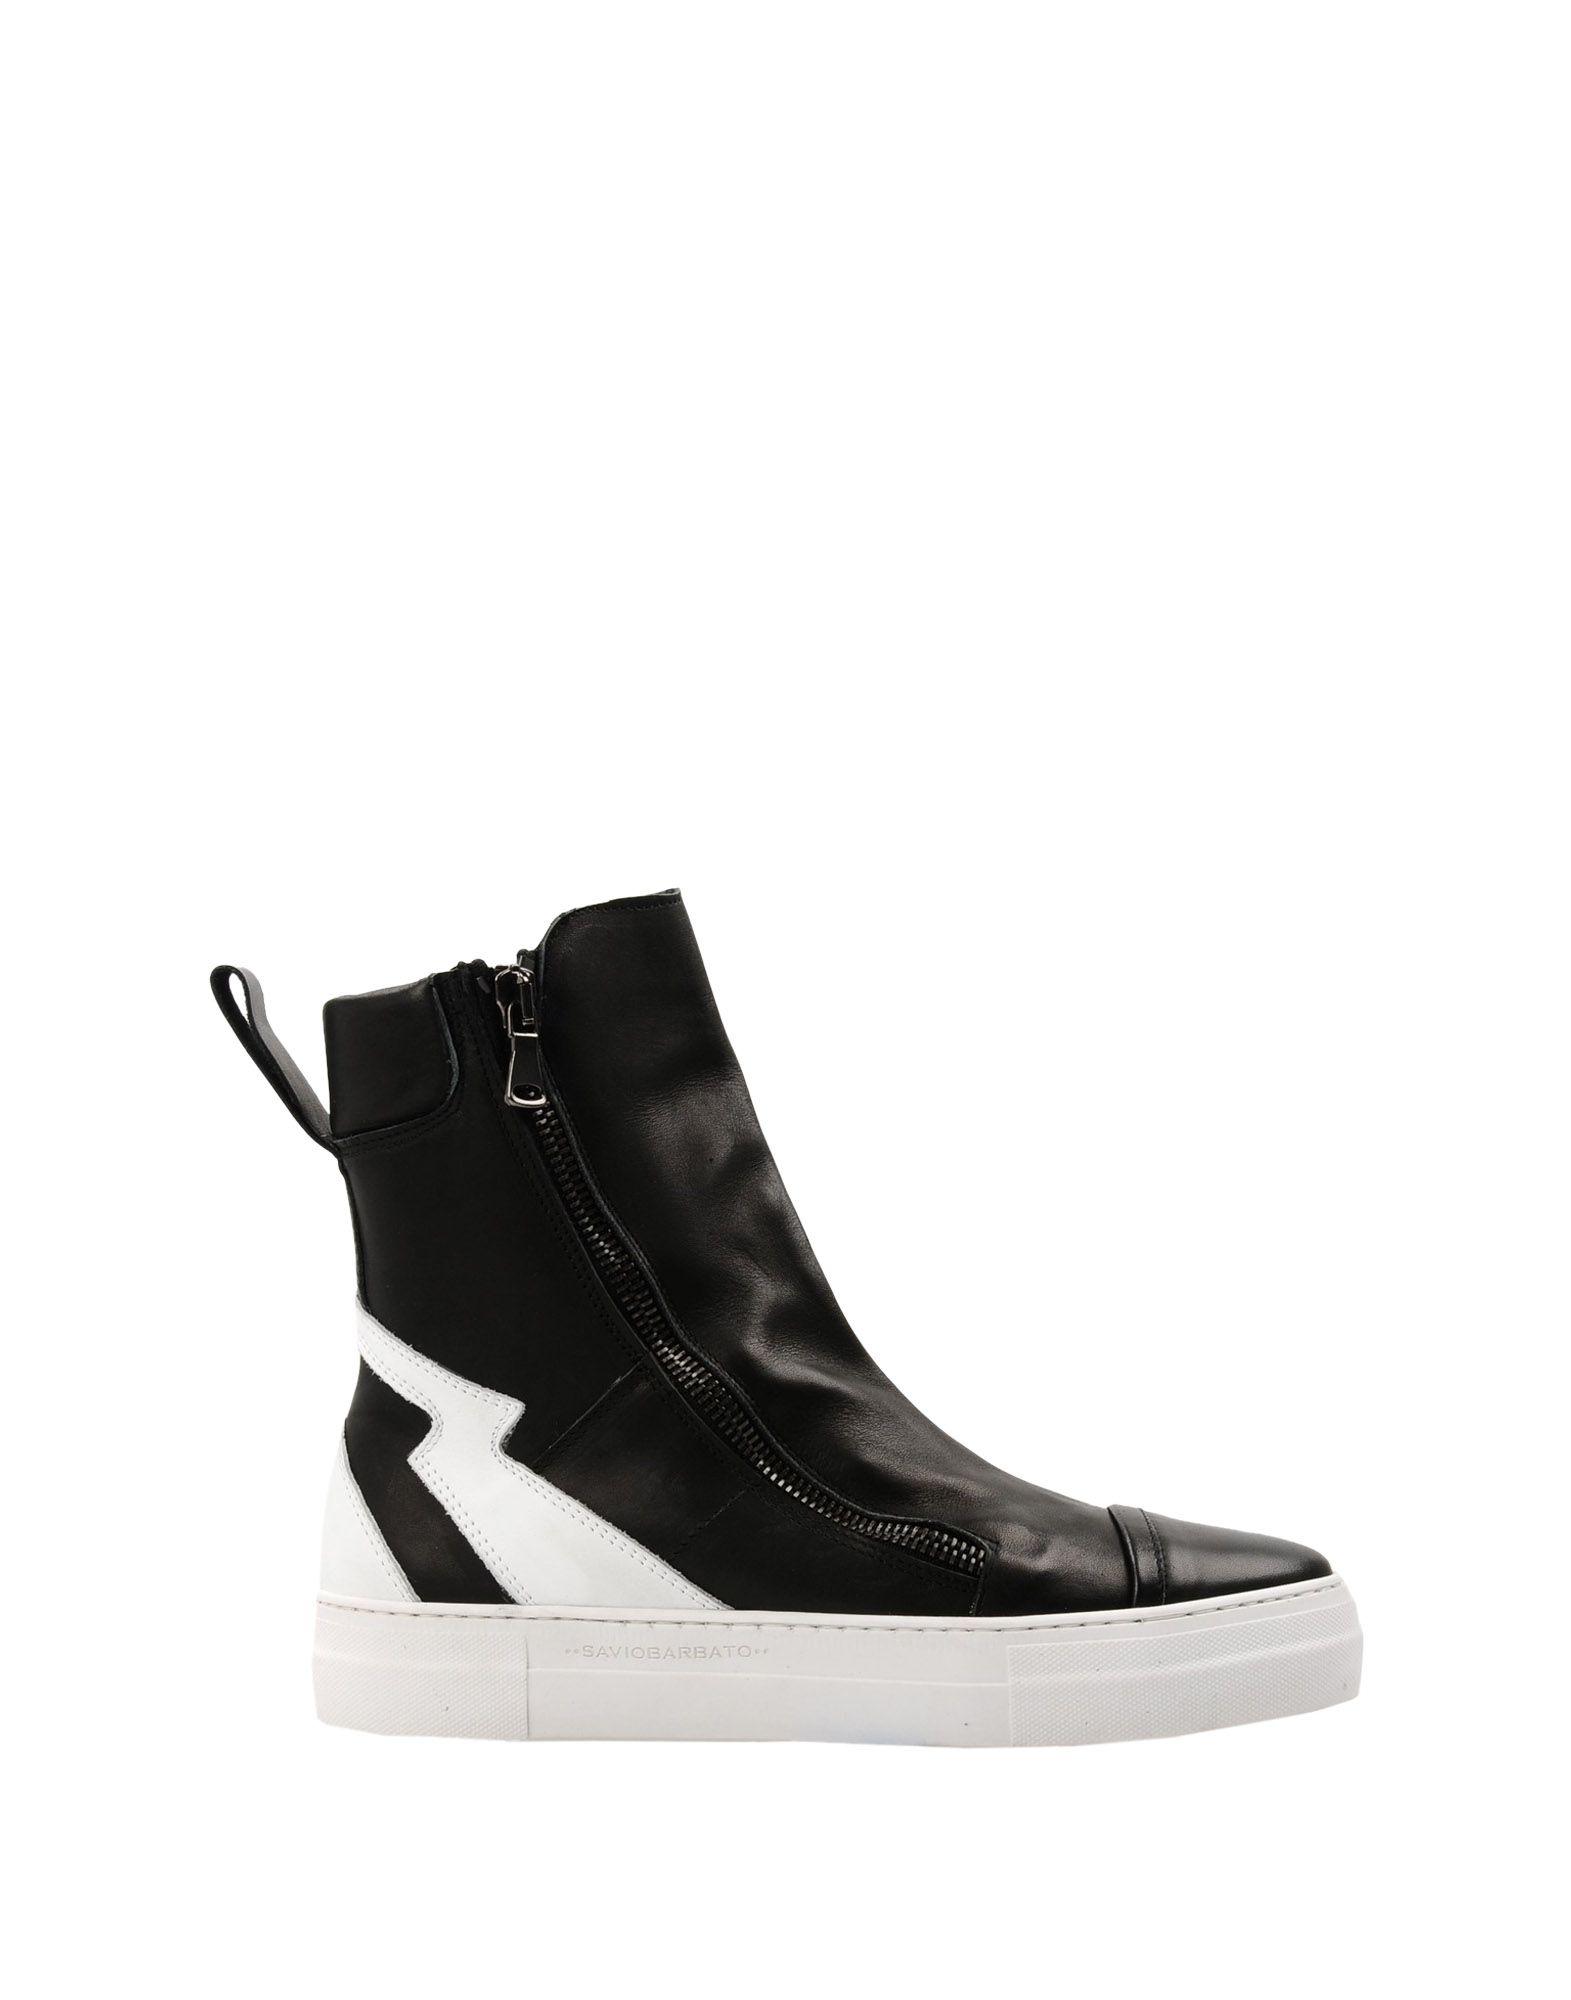 Savio Barbato Sneakers Sneakers Barbato Herren  11447812UQ Neue Schuhe 01e8a1